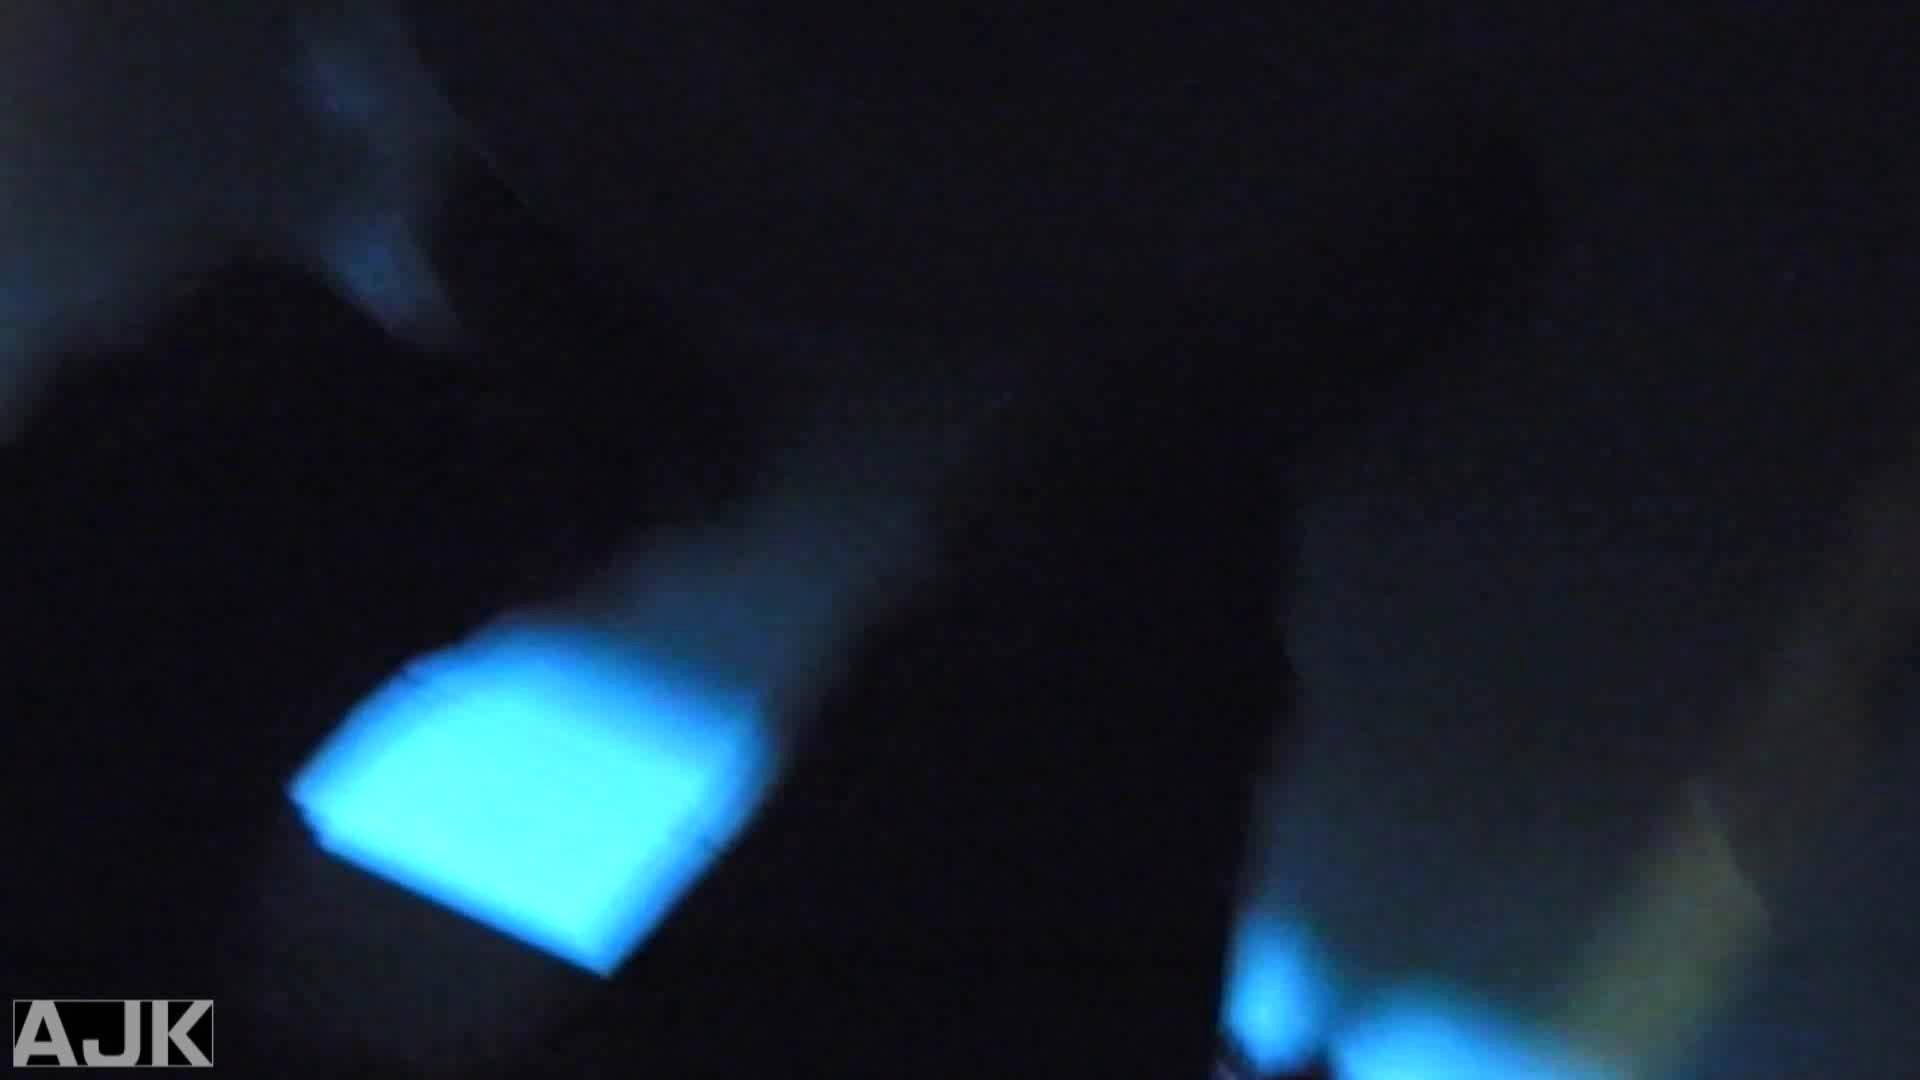 神降臨!史上最強の潜入かわや! vol.22 マンコエロすぎ 性交動画流出 112PIX 63